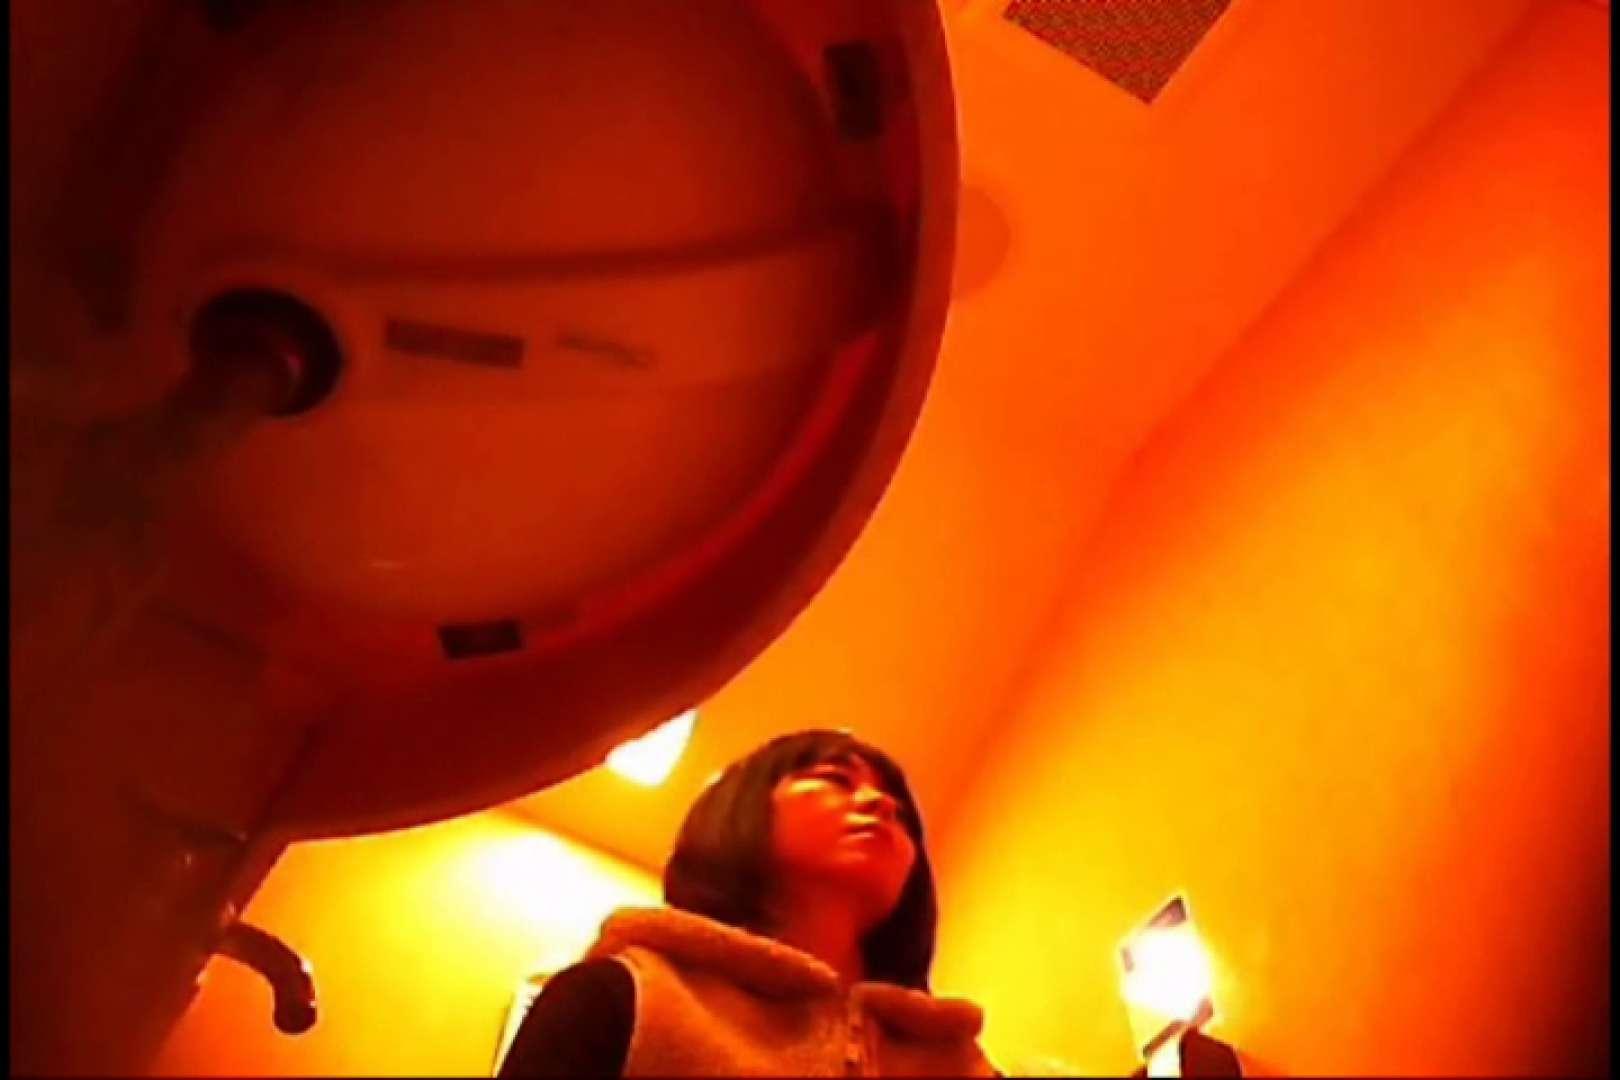 潜入!!女子化粧室盗撮~絶対見られたくない時間~vo,9 盗撮師作品 アダルト動画キャプチャ 100pic 70